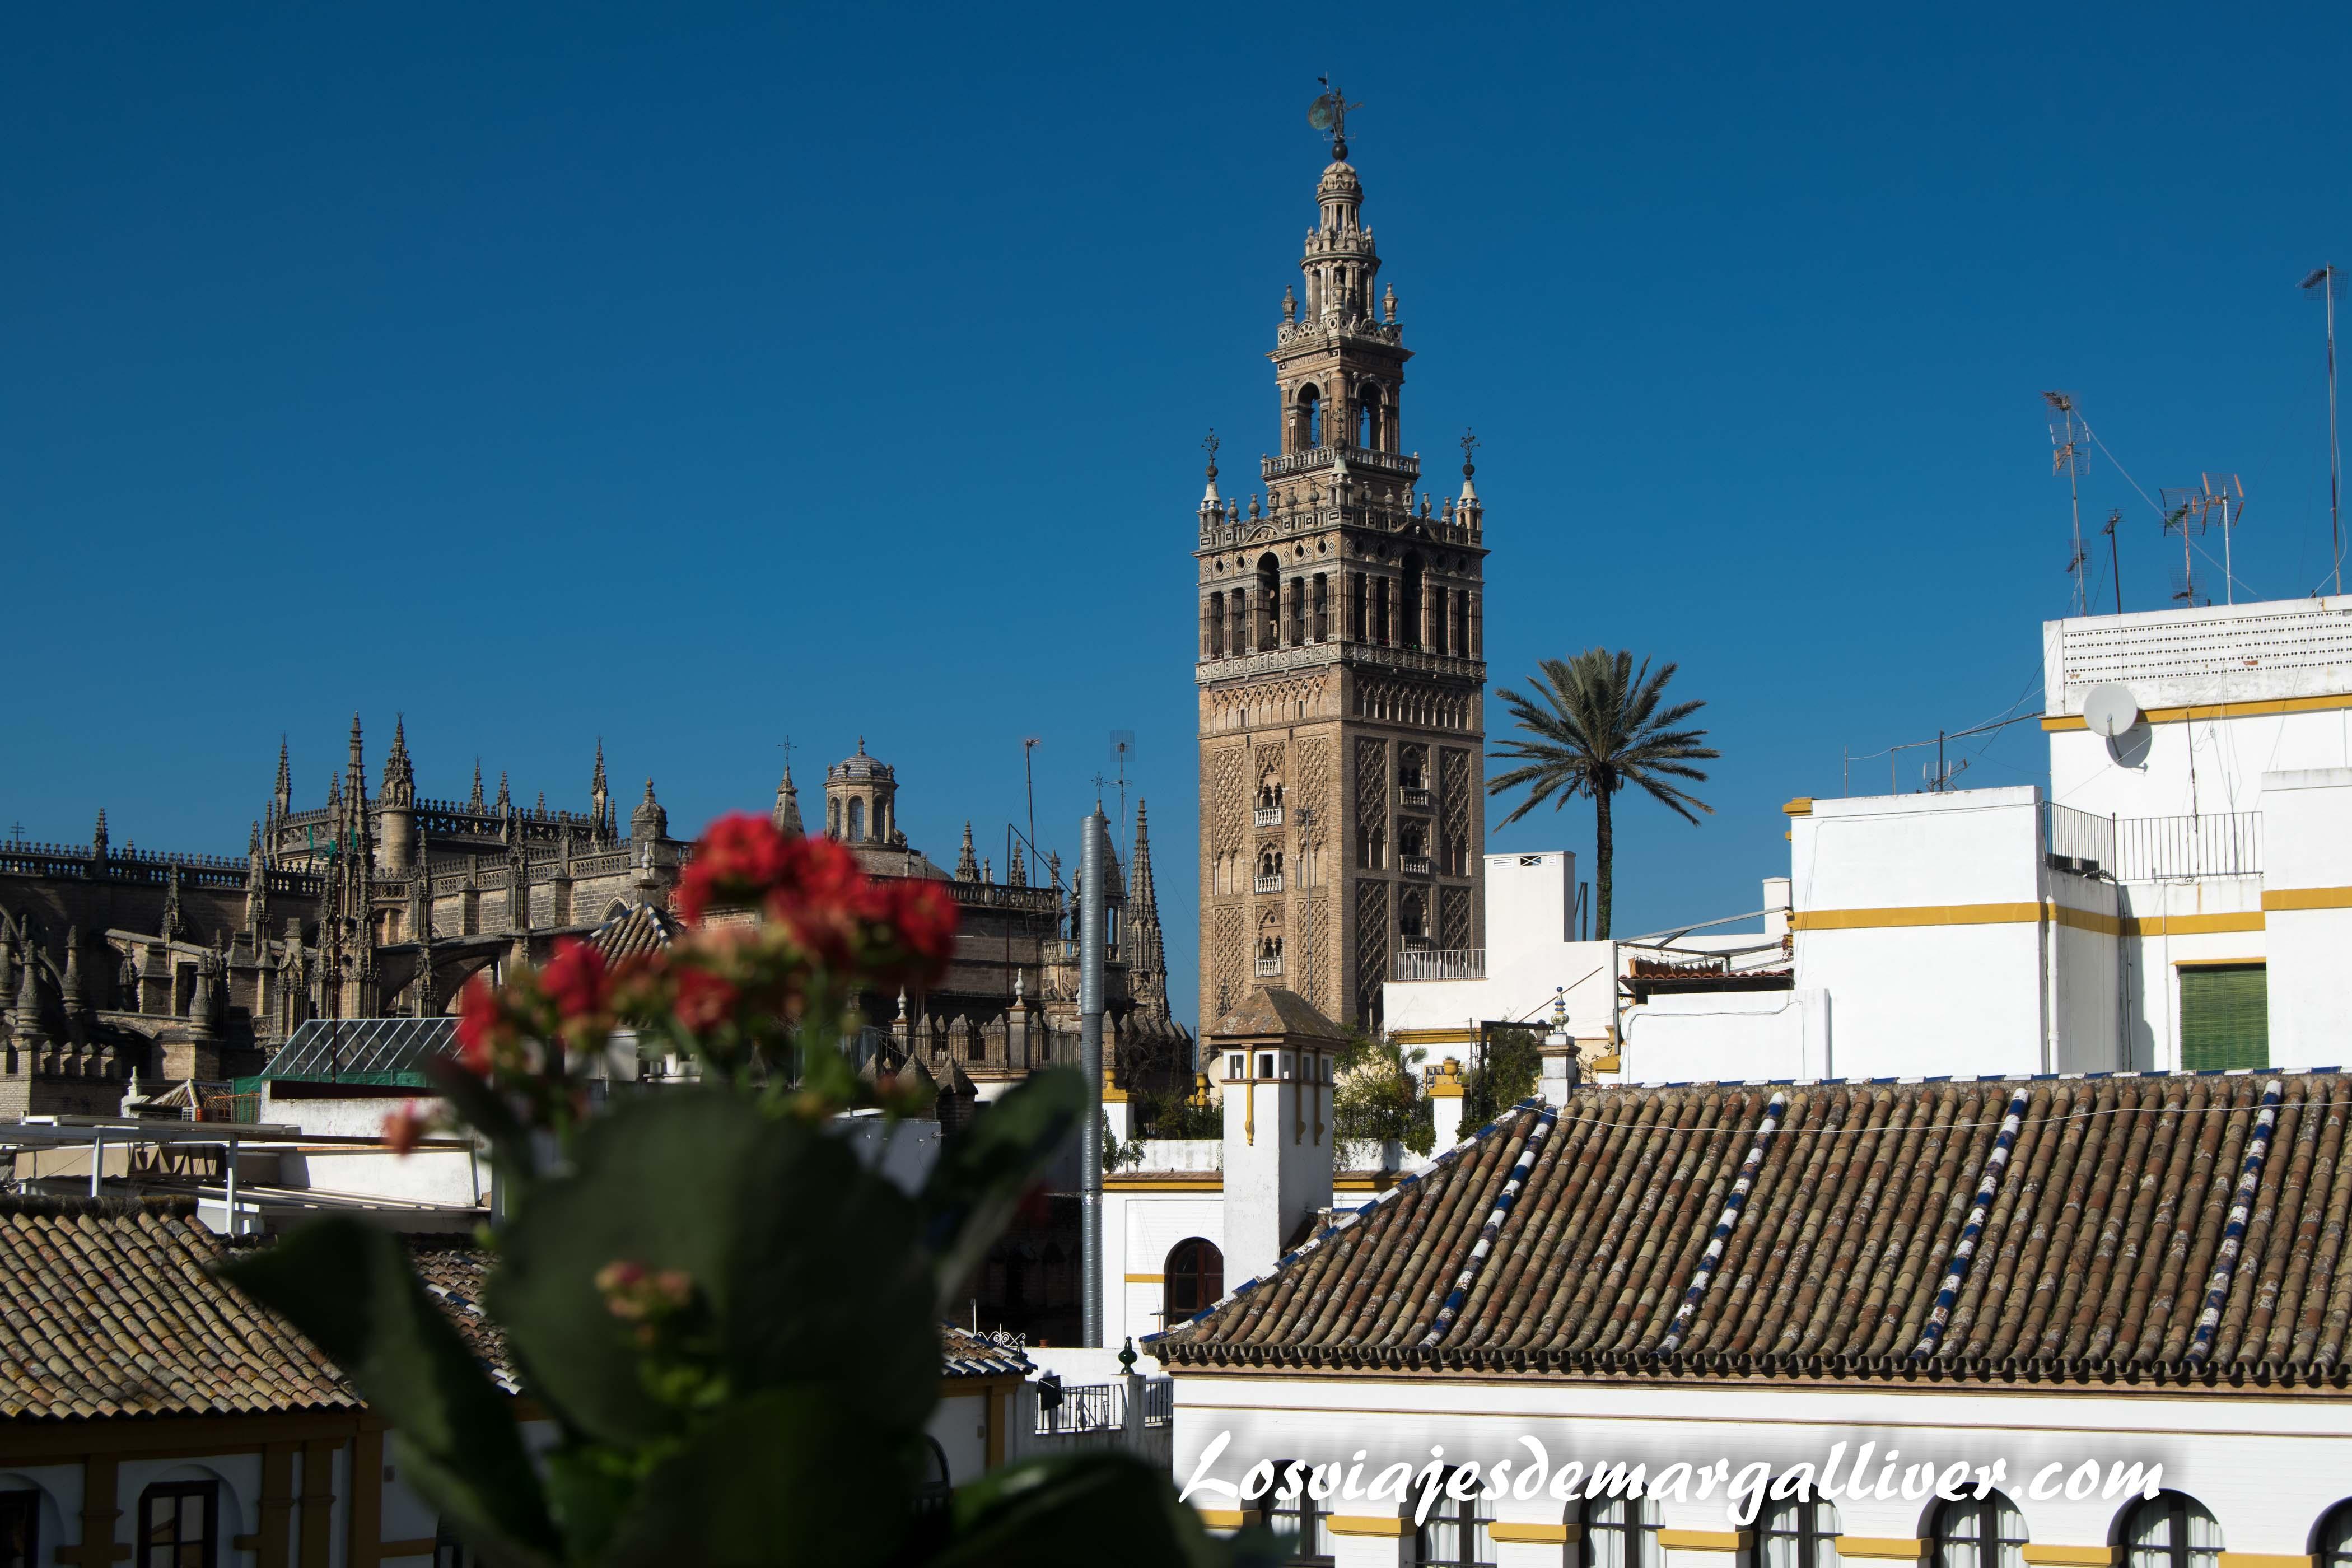 vistas de la giralda desde la casa-museo Amalio, San Valentín - Los viajes de Margalliver